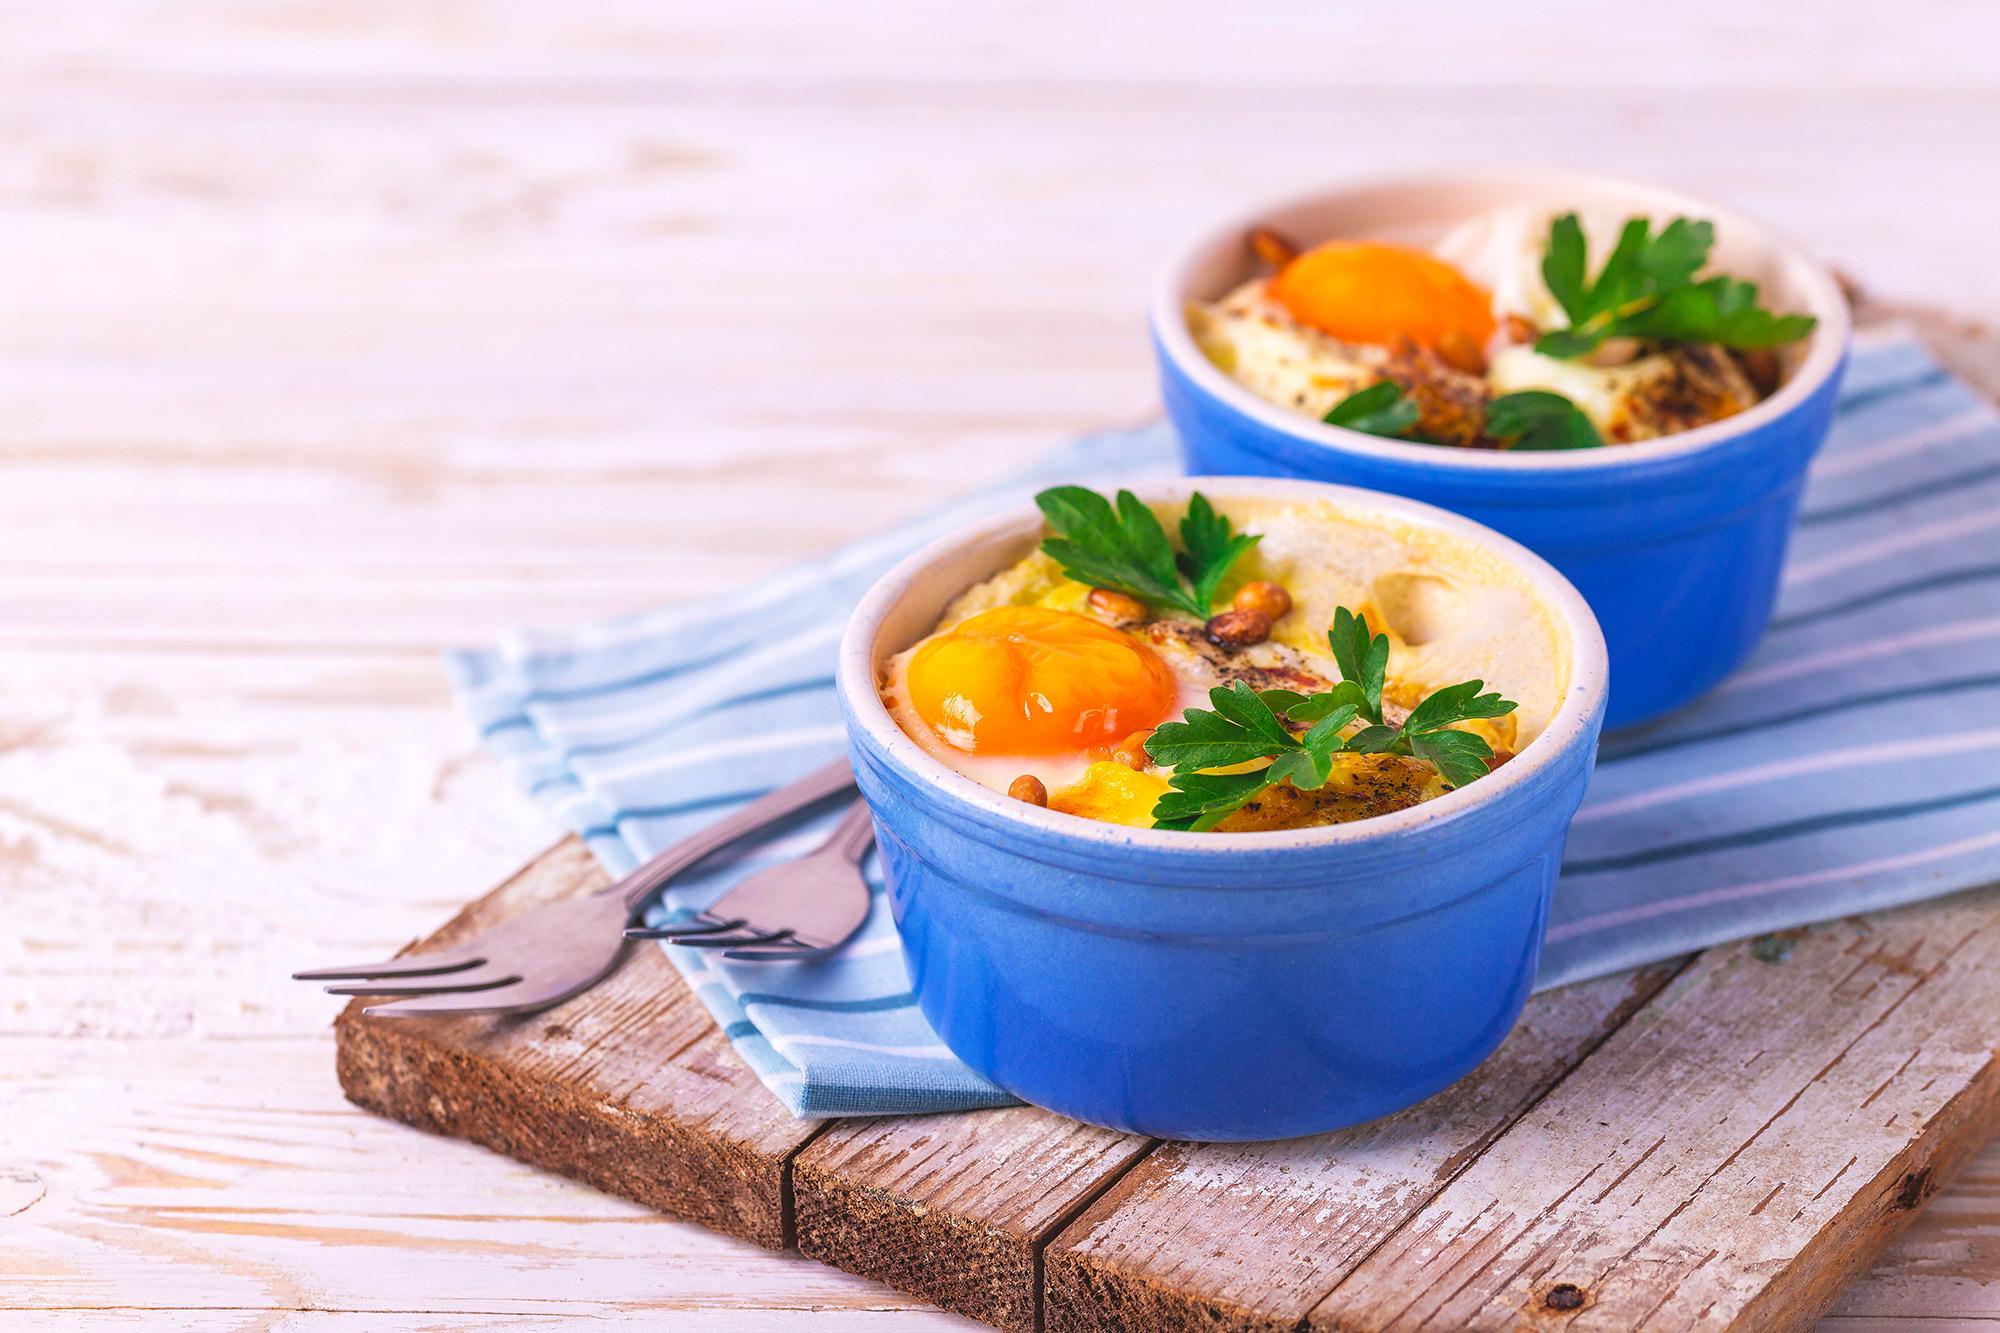 Come cucinare le uova in cocotte a casa grand chef evolution - Cucina evolution ricette ...